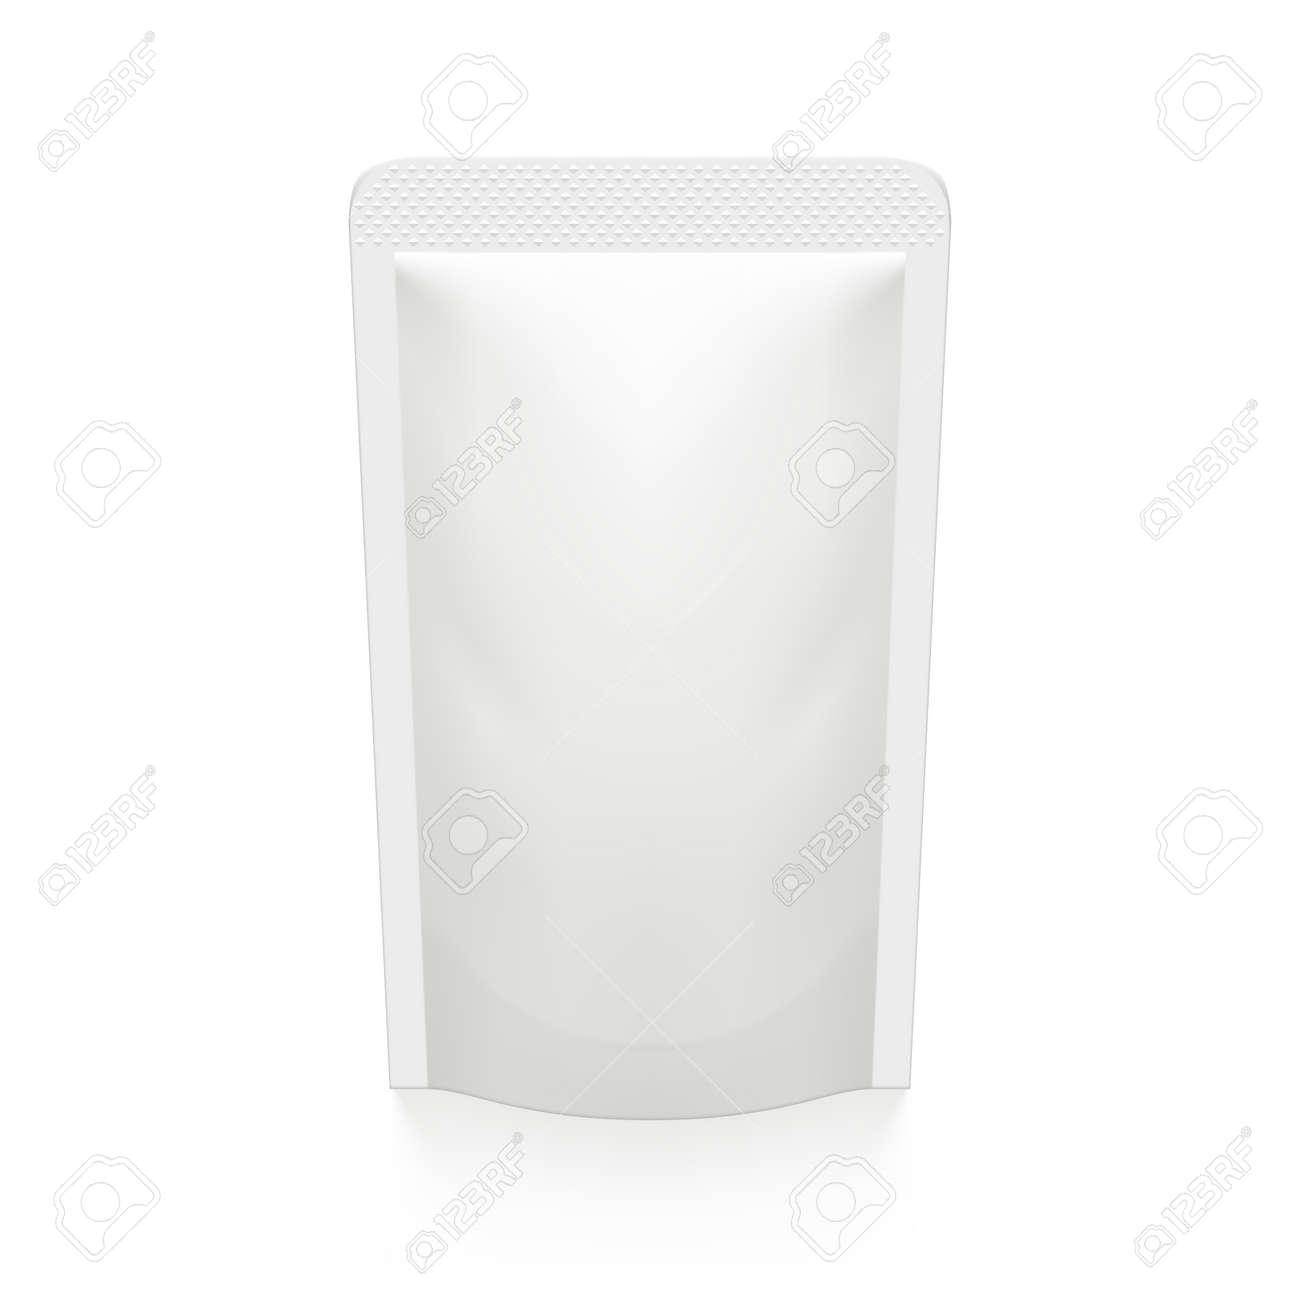 3D White Pouch Foil Plastic Vacuum Packaging - 169413625